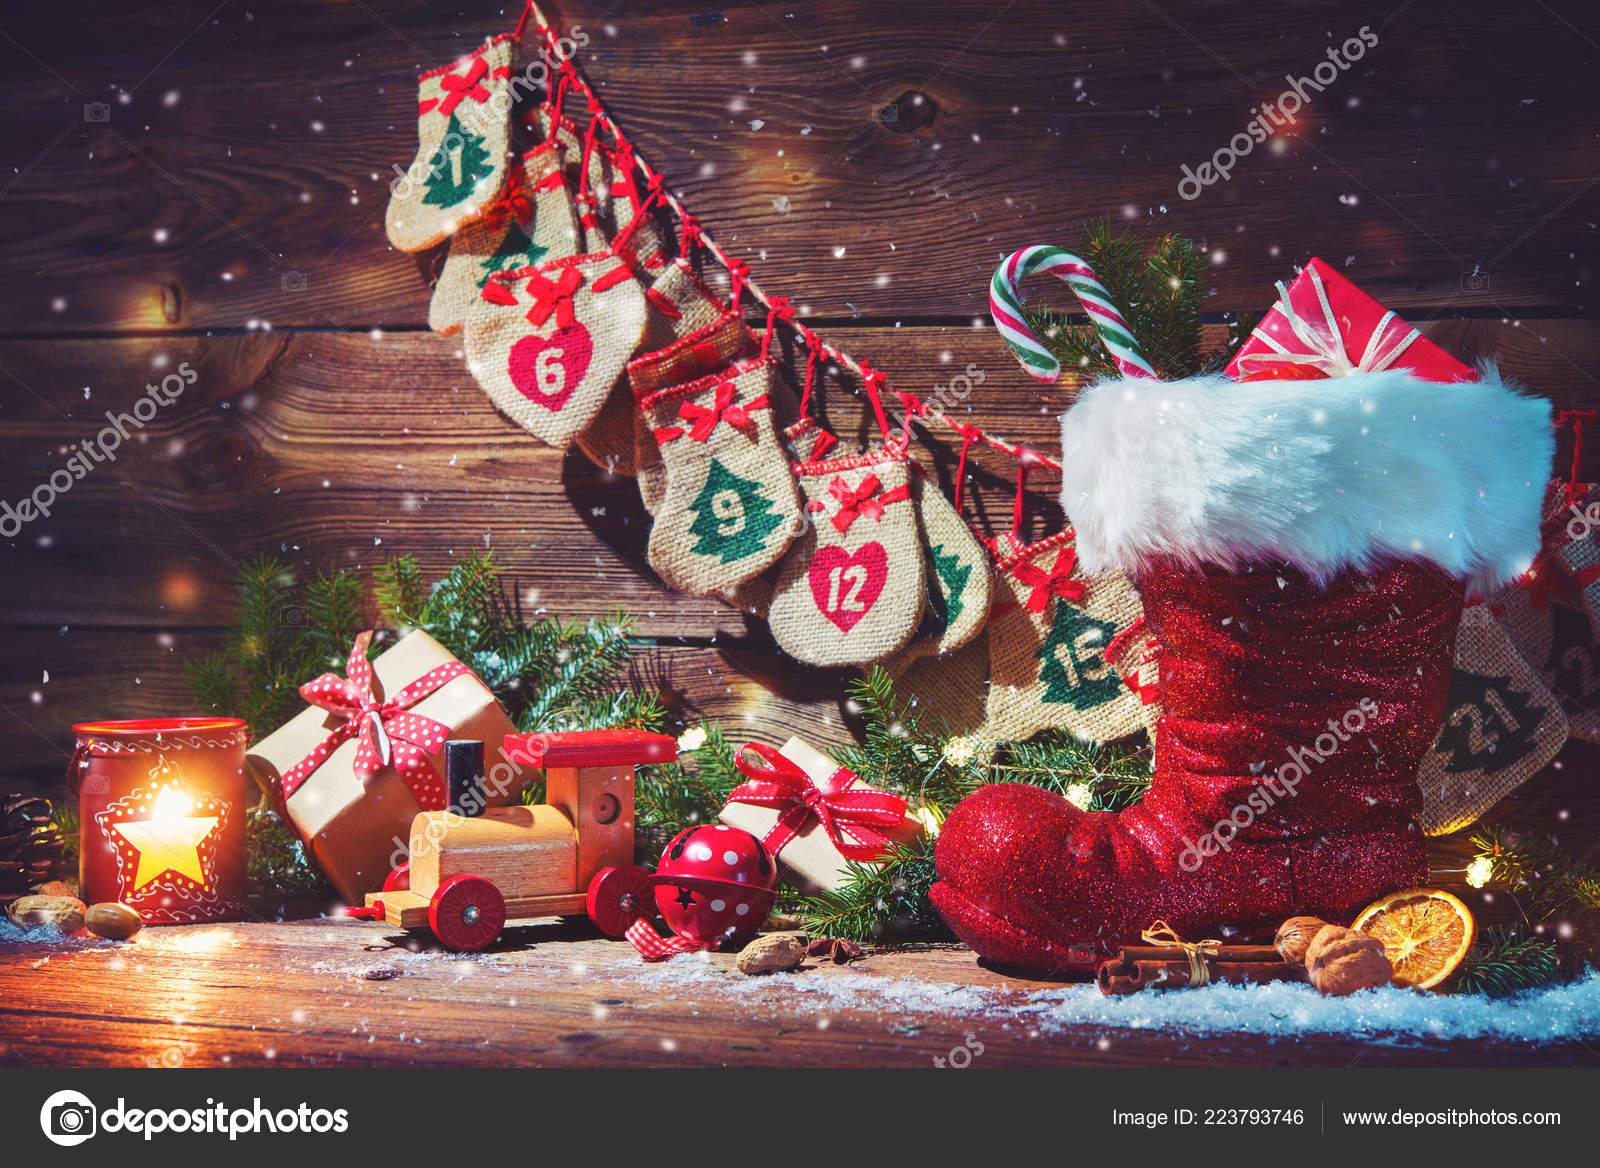 Weihnachten Hintergrund Adventskalender Und Schuh Weihnachtsmann Mit ...